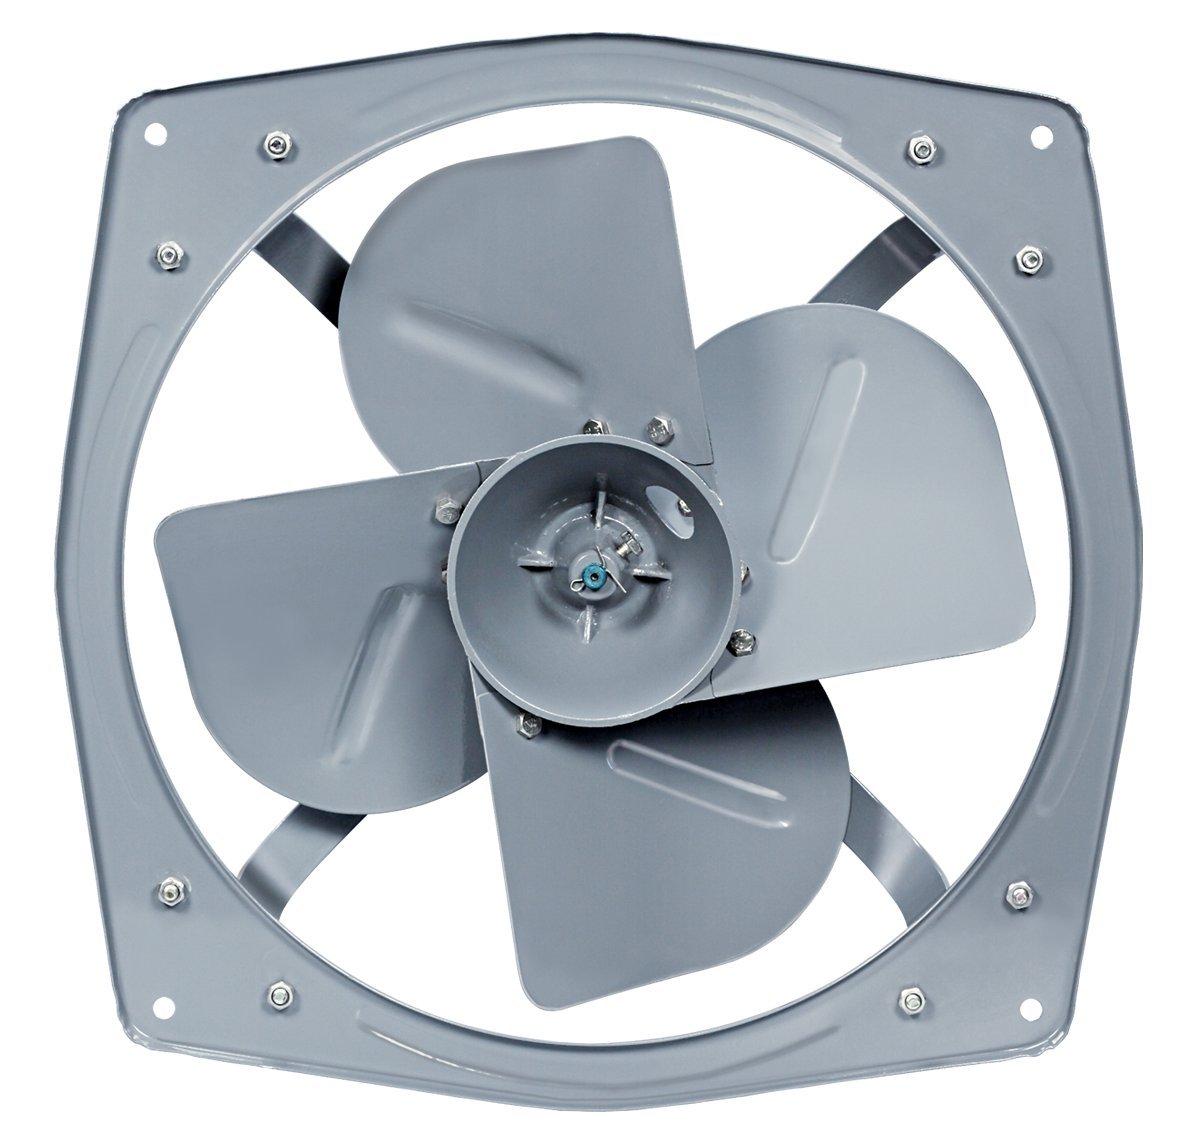 Havells Turboforce 3 Blade (380mm) Exhaust..